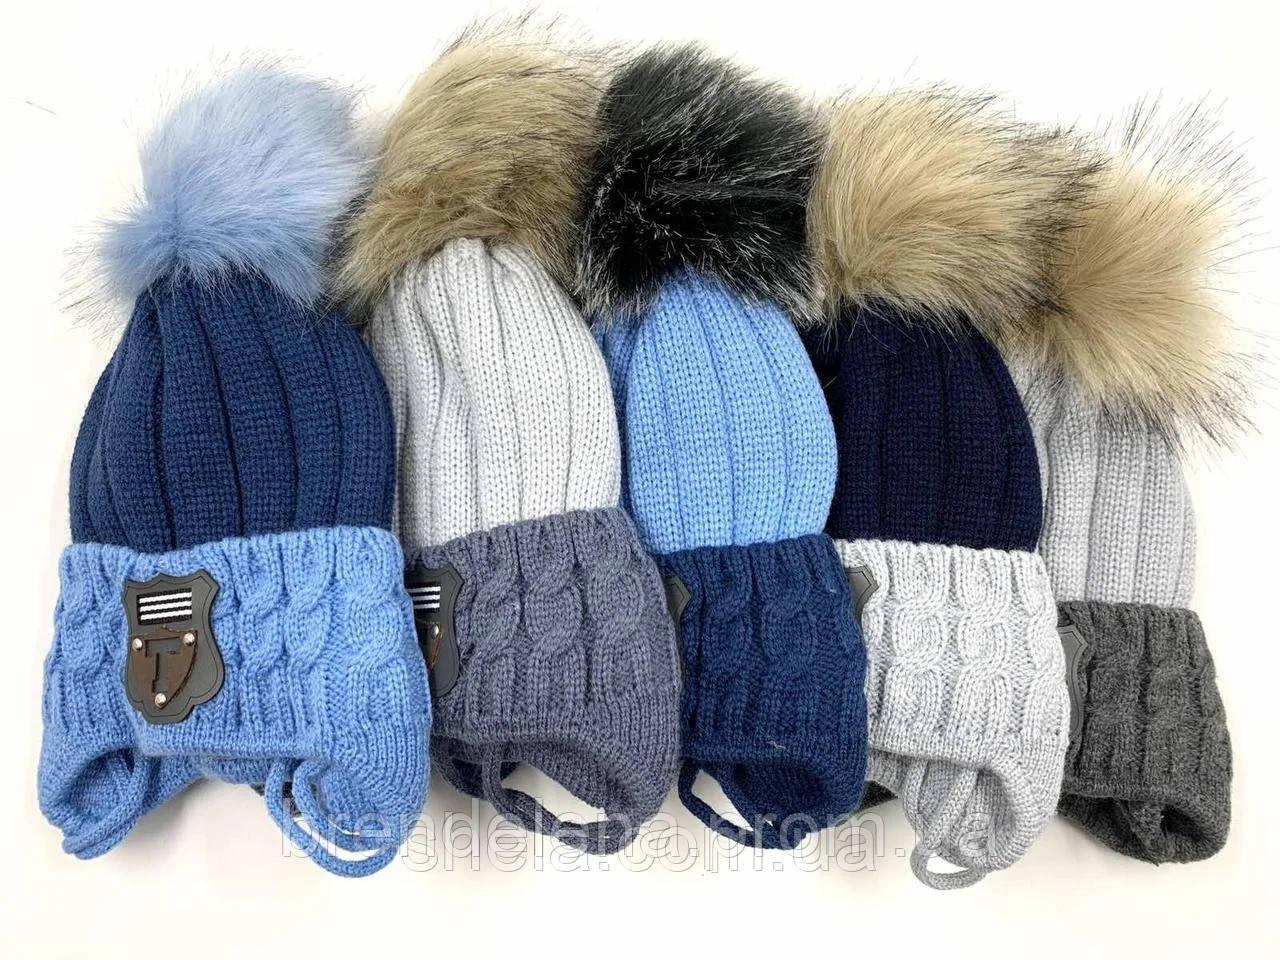 Детская  вязанная шапка  с завязками на флисе (1-3 года)